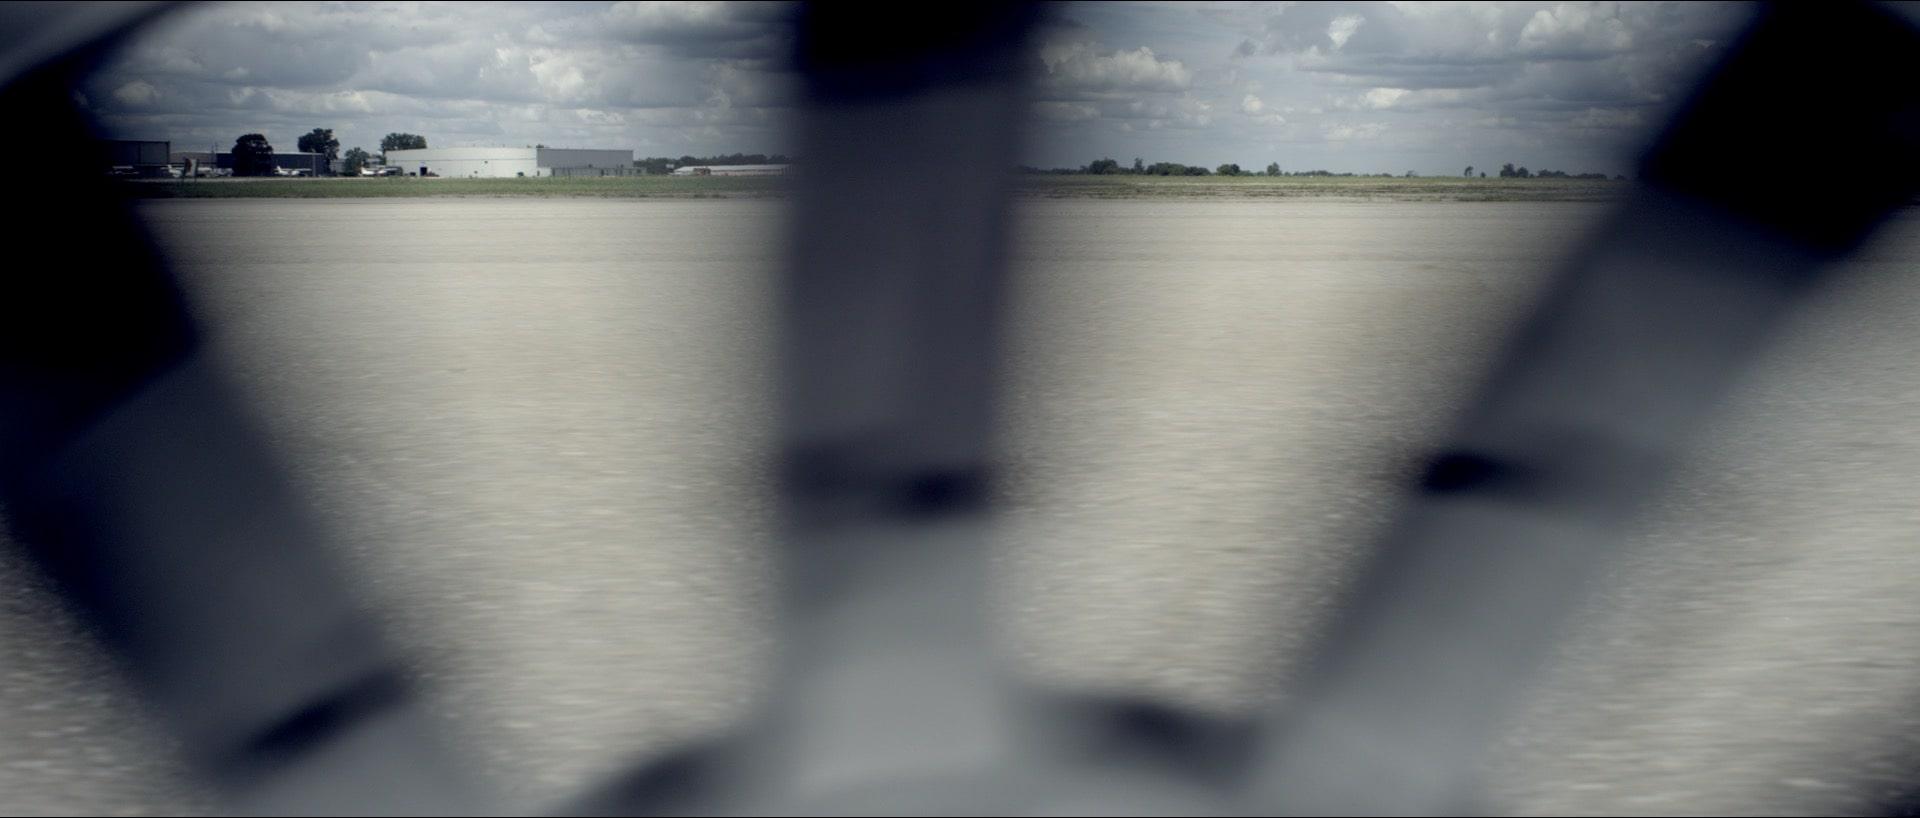 frame-000238-min.jpg